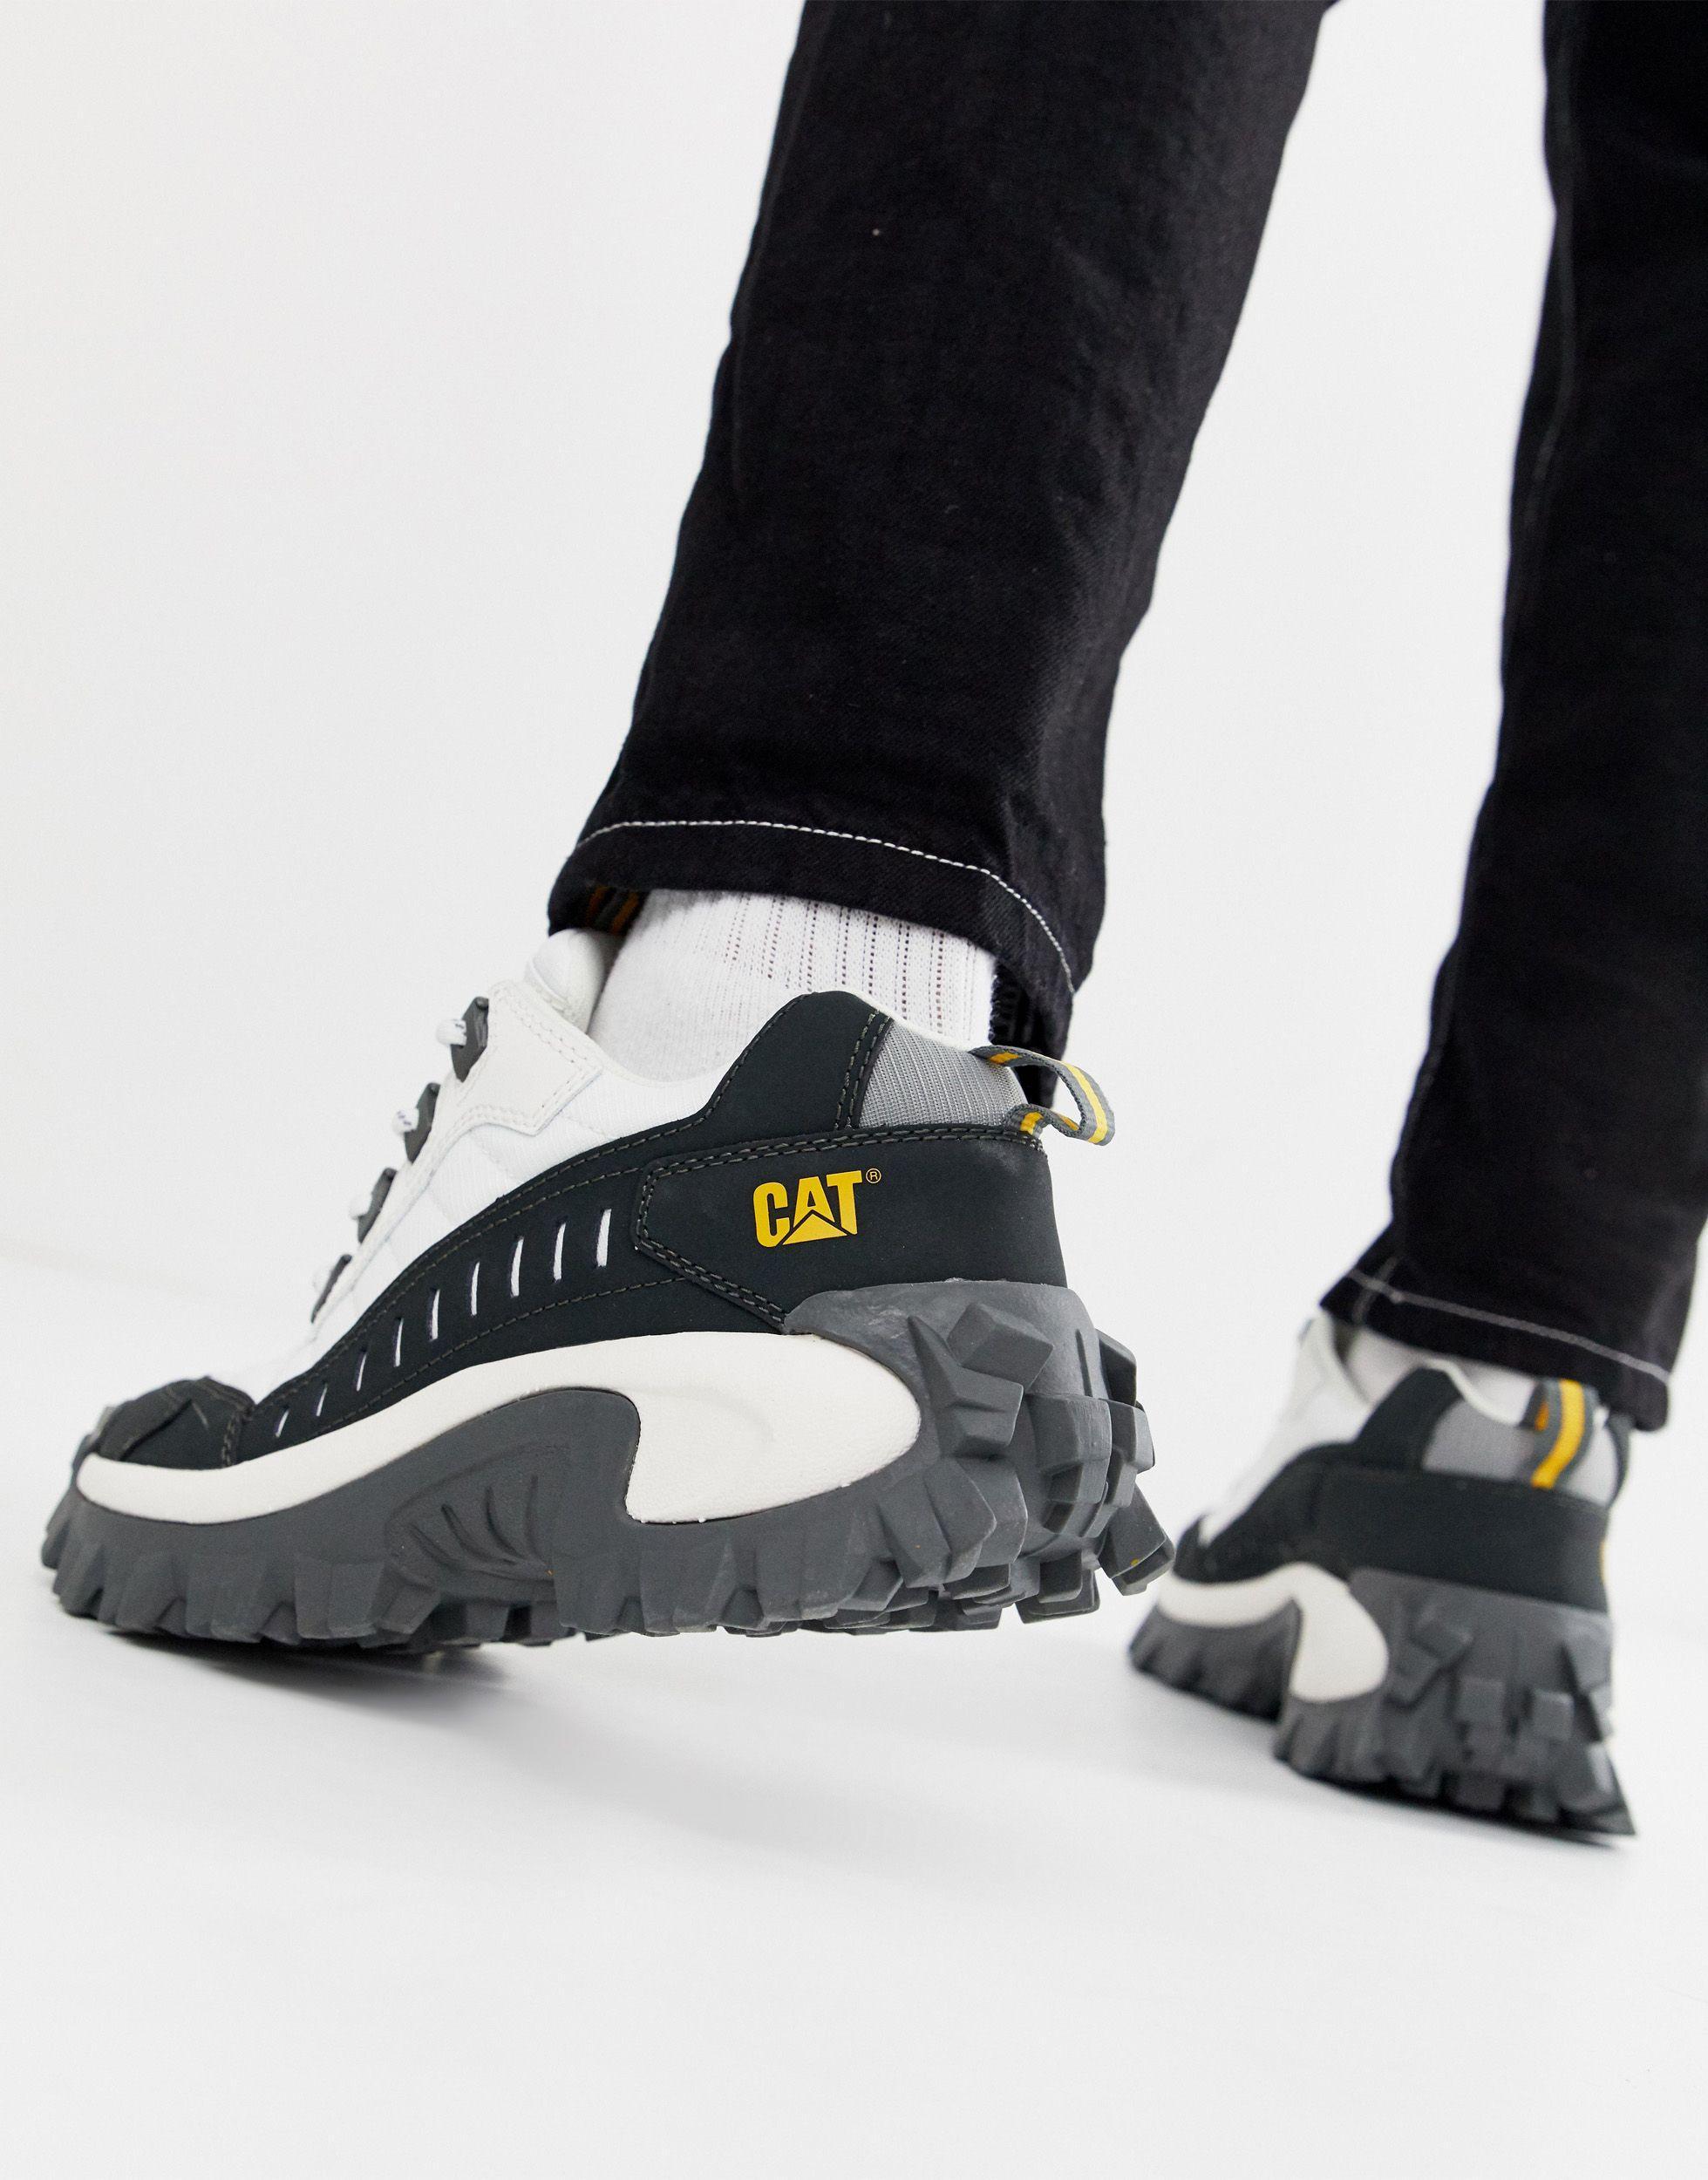 Caterpillar Leer Sneakers Met Dikke Zool in het Wit voor heren